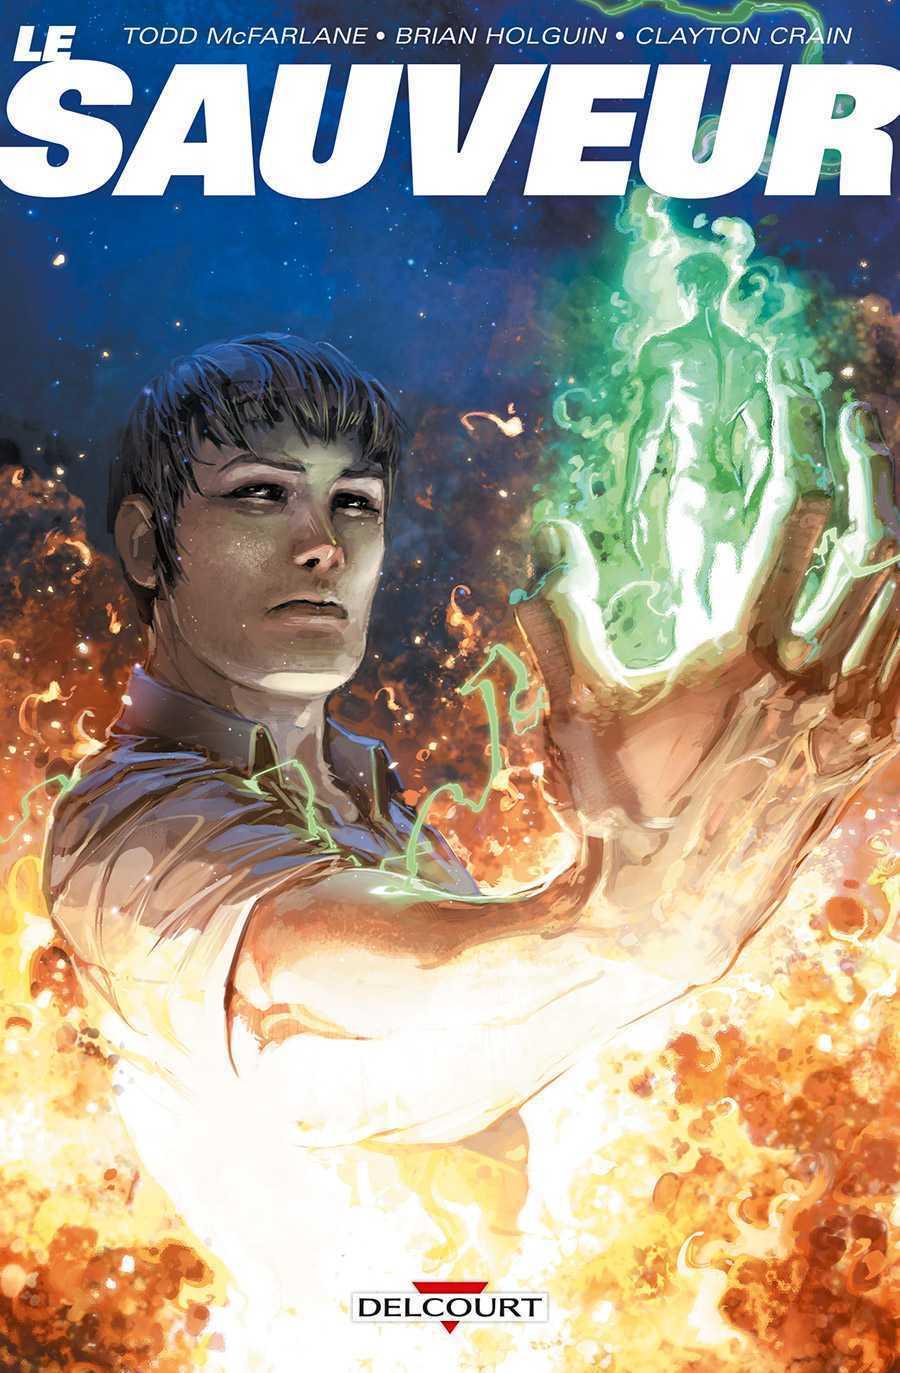 Le Sauveur, un inconnu aux étranges pouvoirs